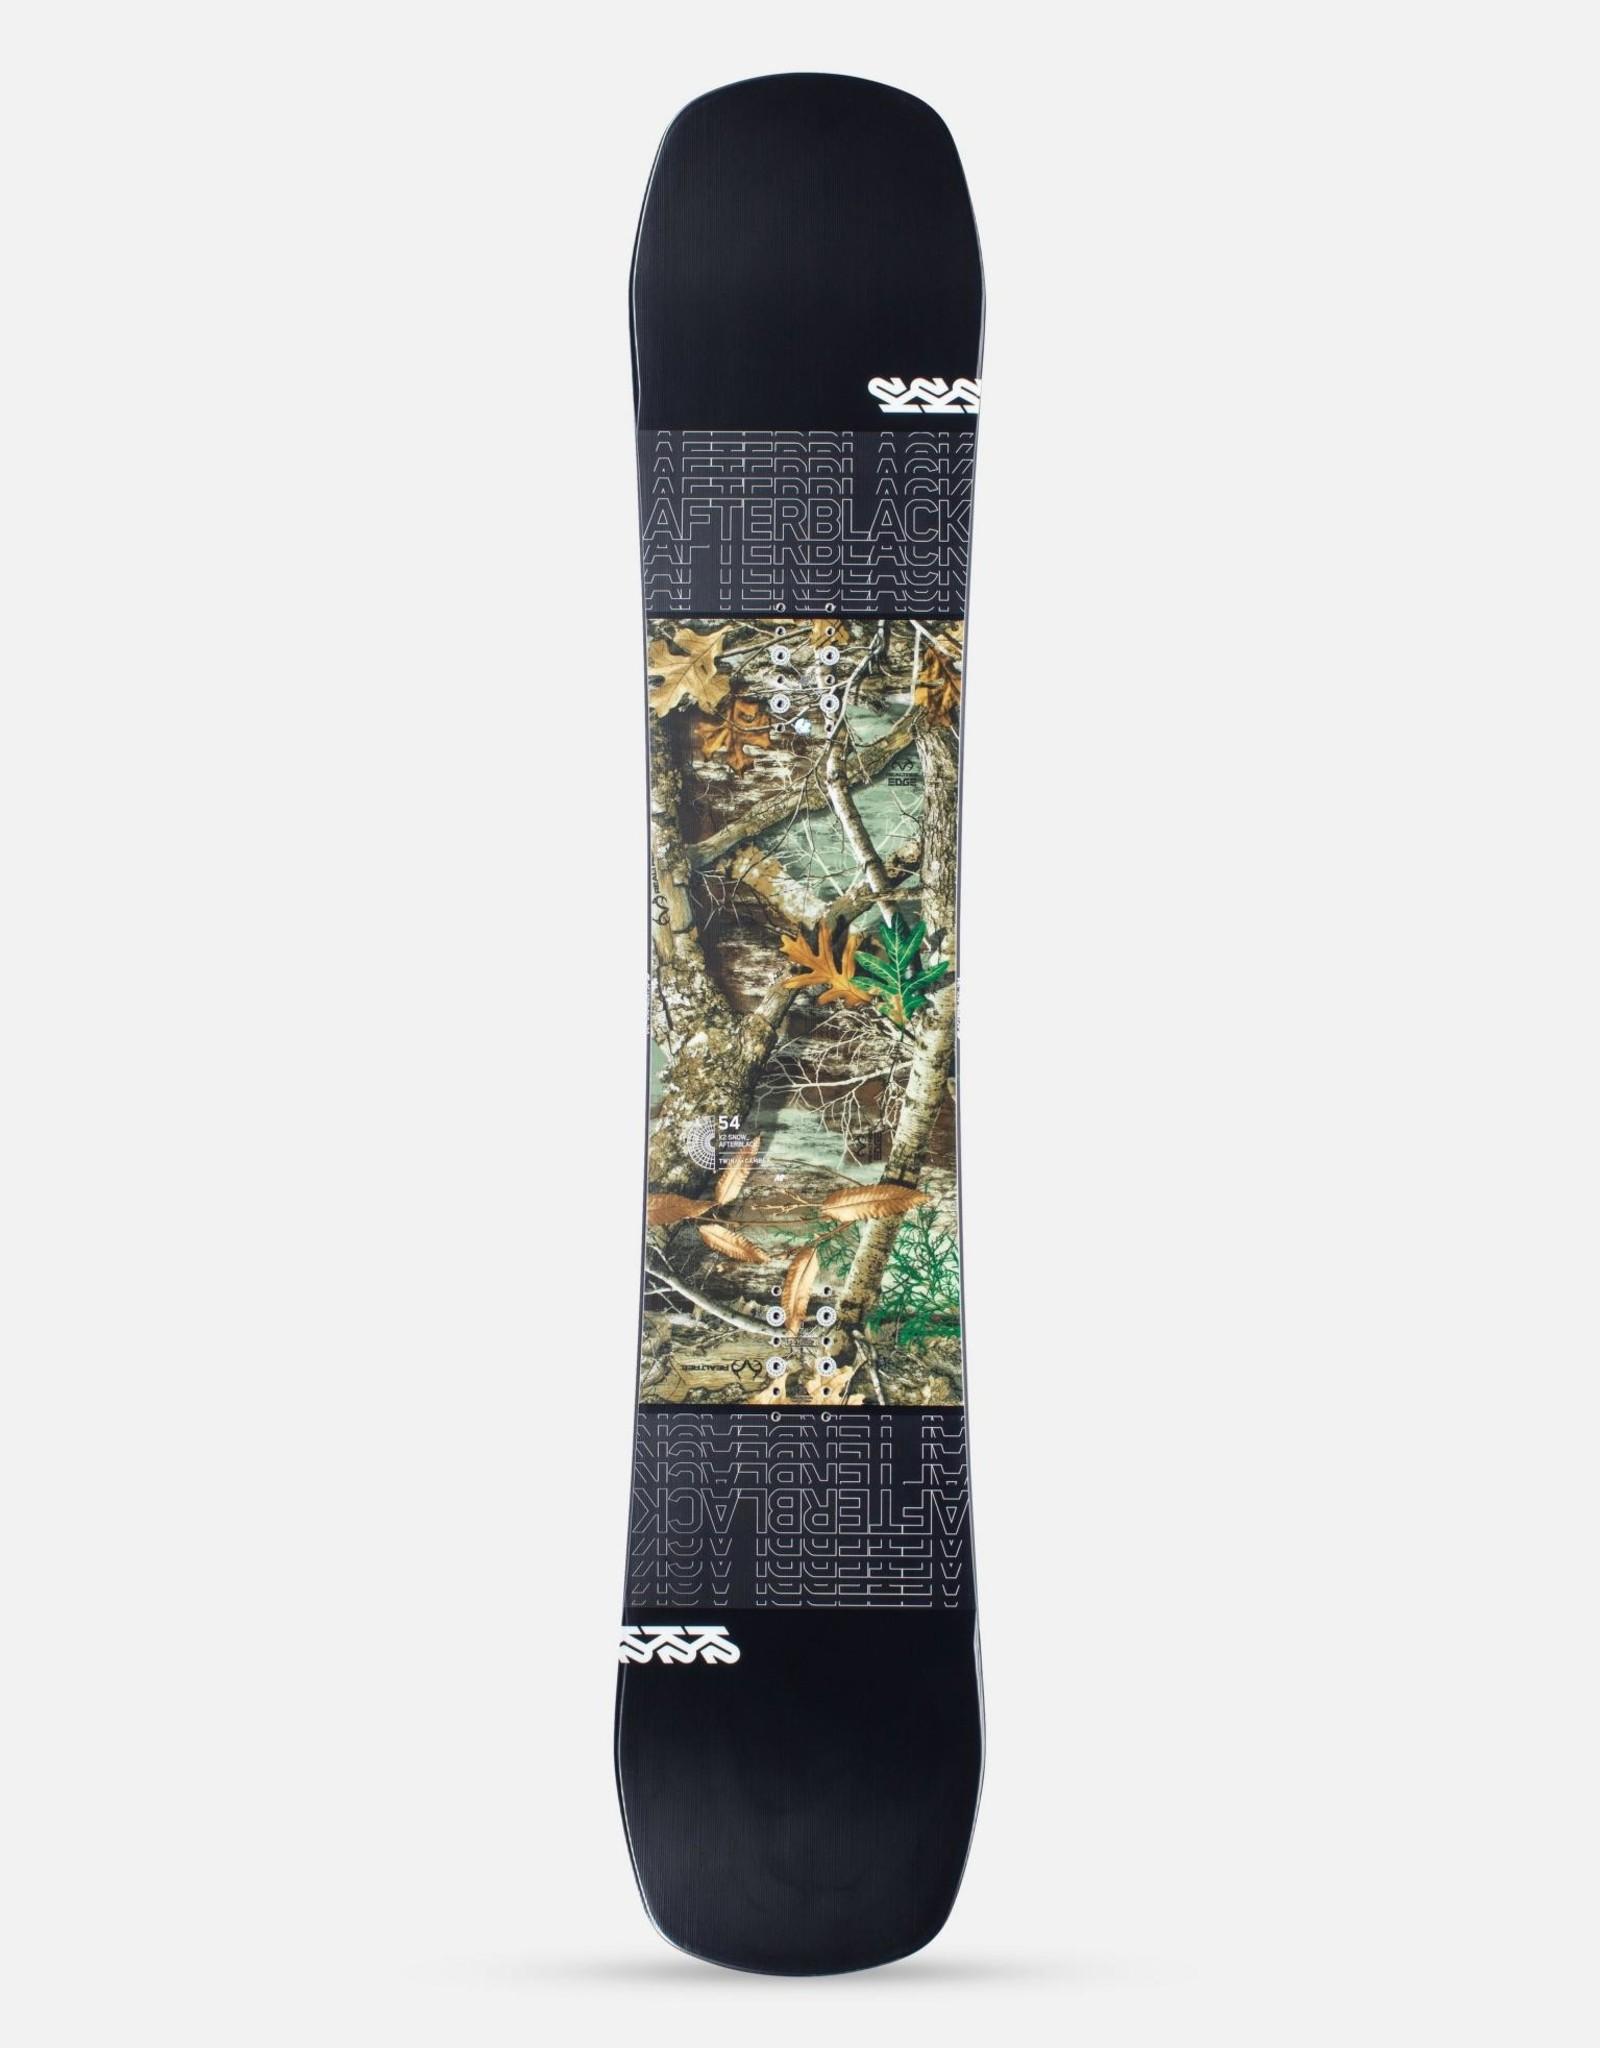 K2 - AFTERBLACK (2021) - 154cm